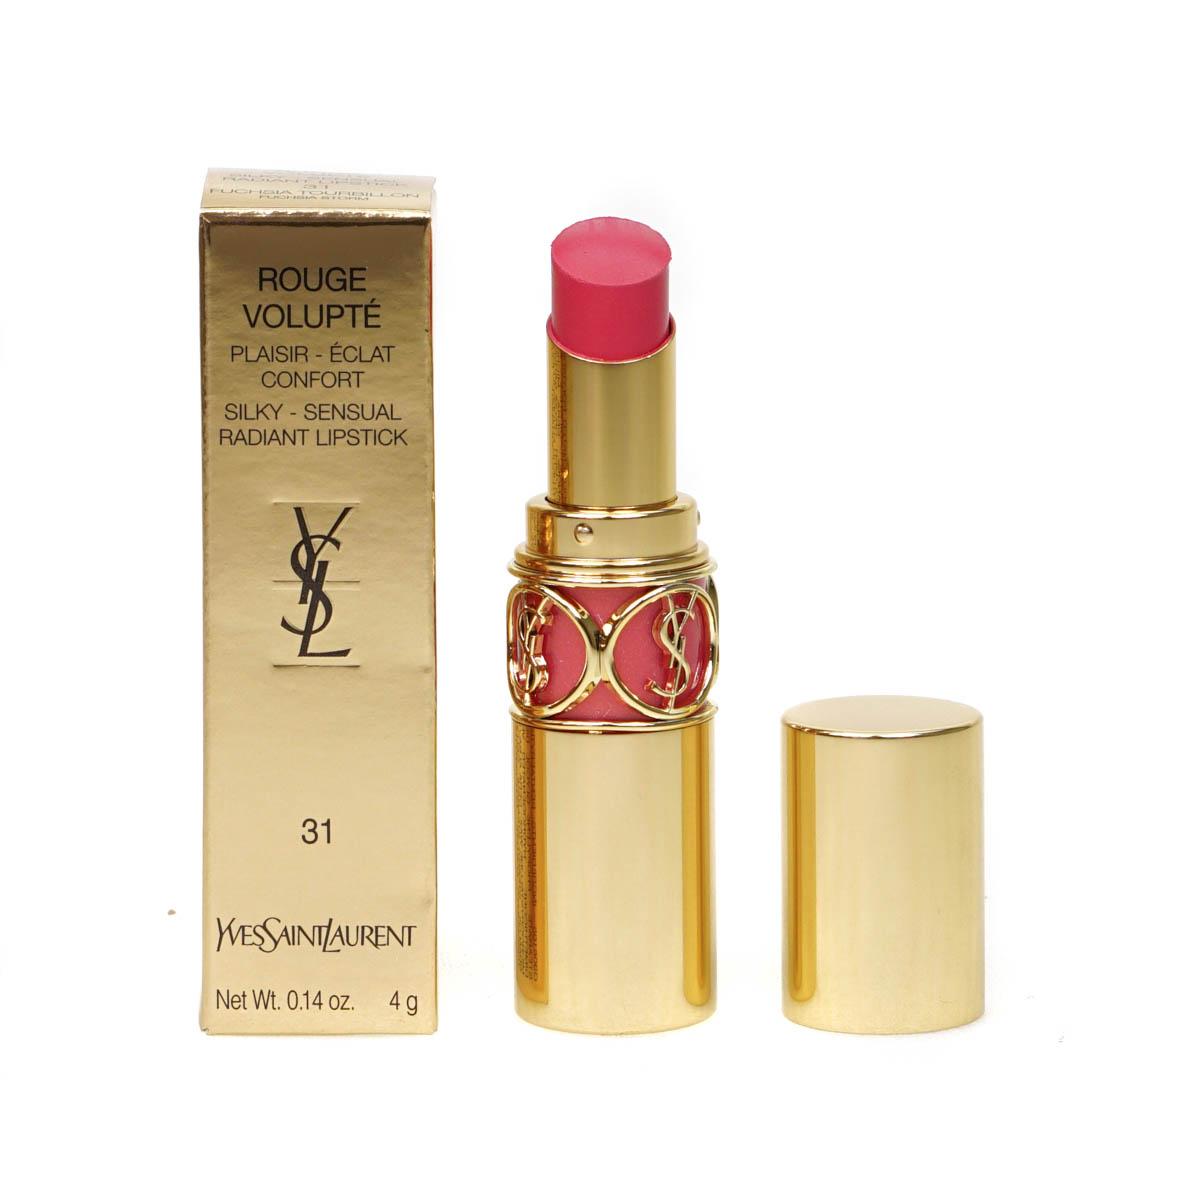 Yves Saint Laurent YSL Volupte Shine Pink Lipstick Fuchsia Storm Peach Passion | eBay